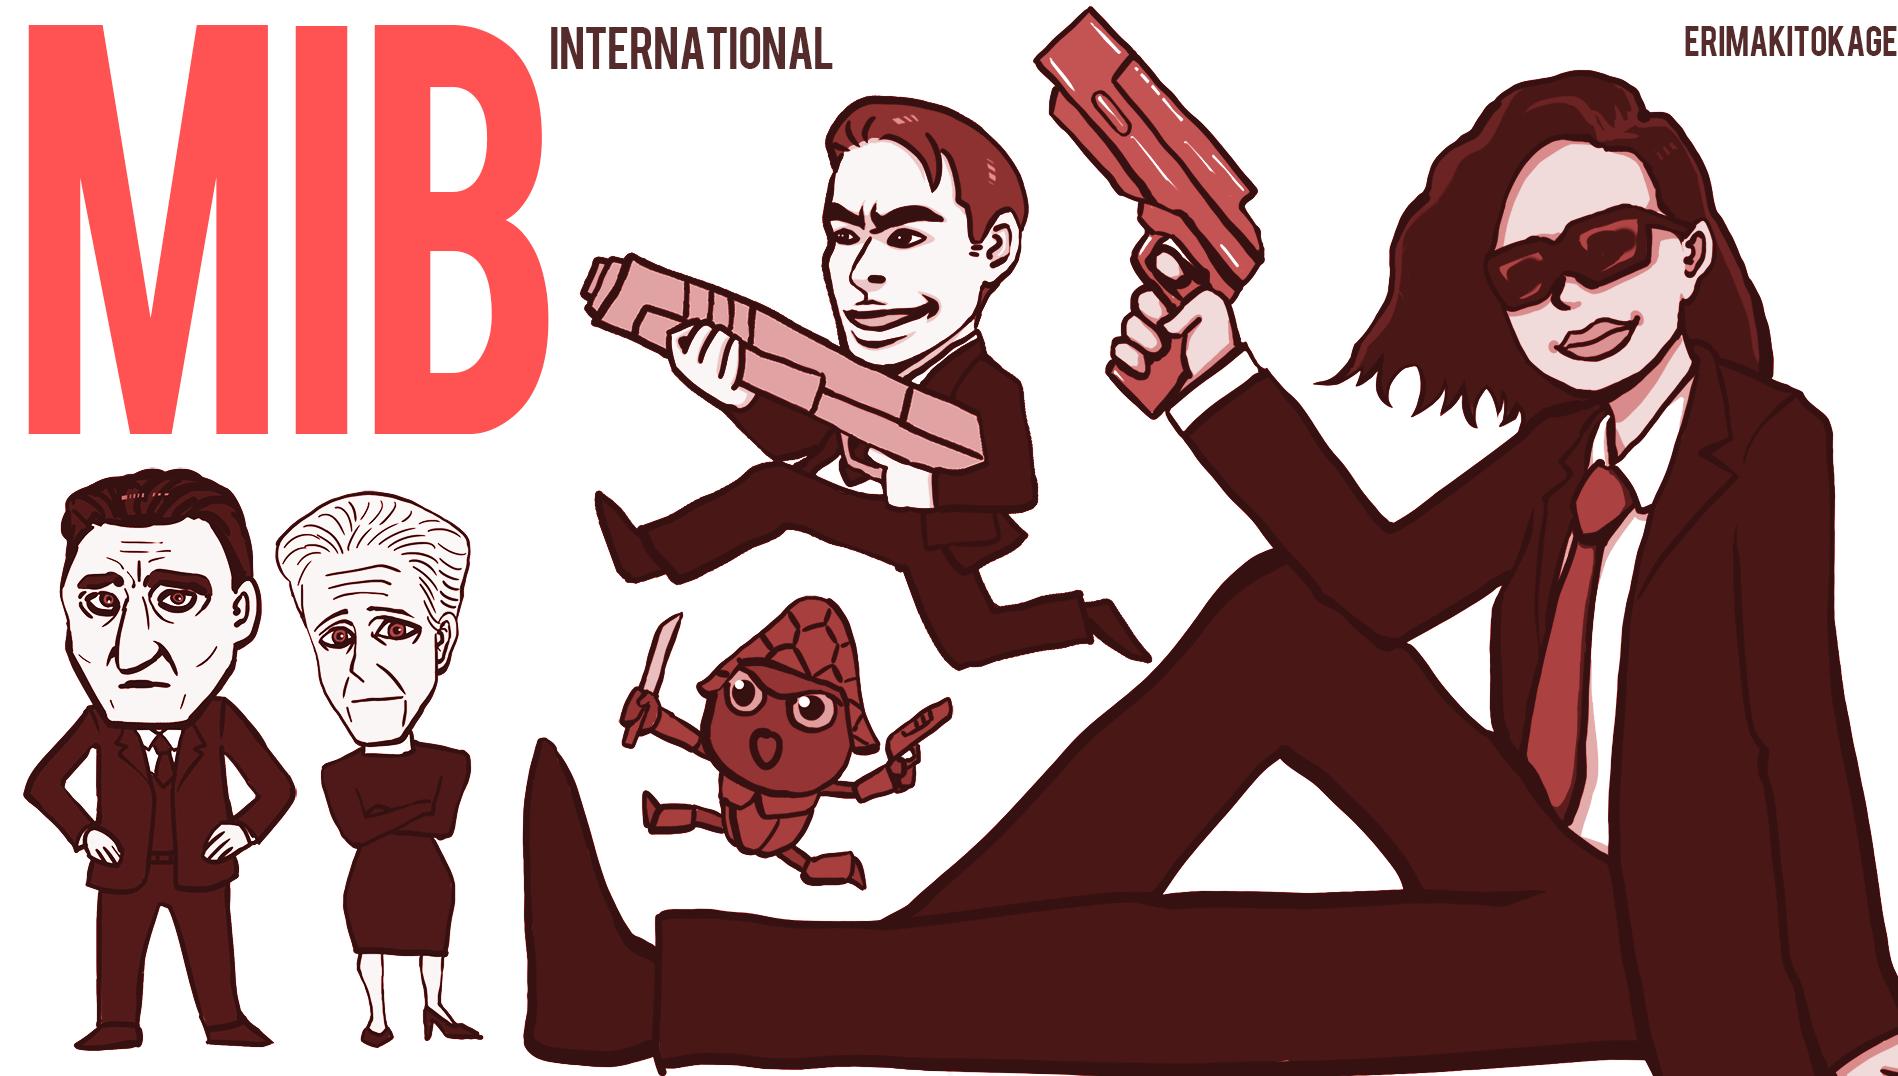 『メン・イン・ブラック:インターナショナル』のイラスト